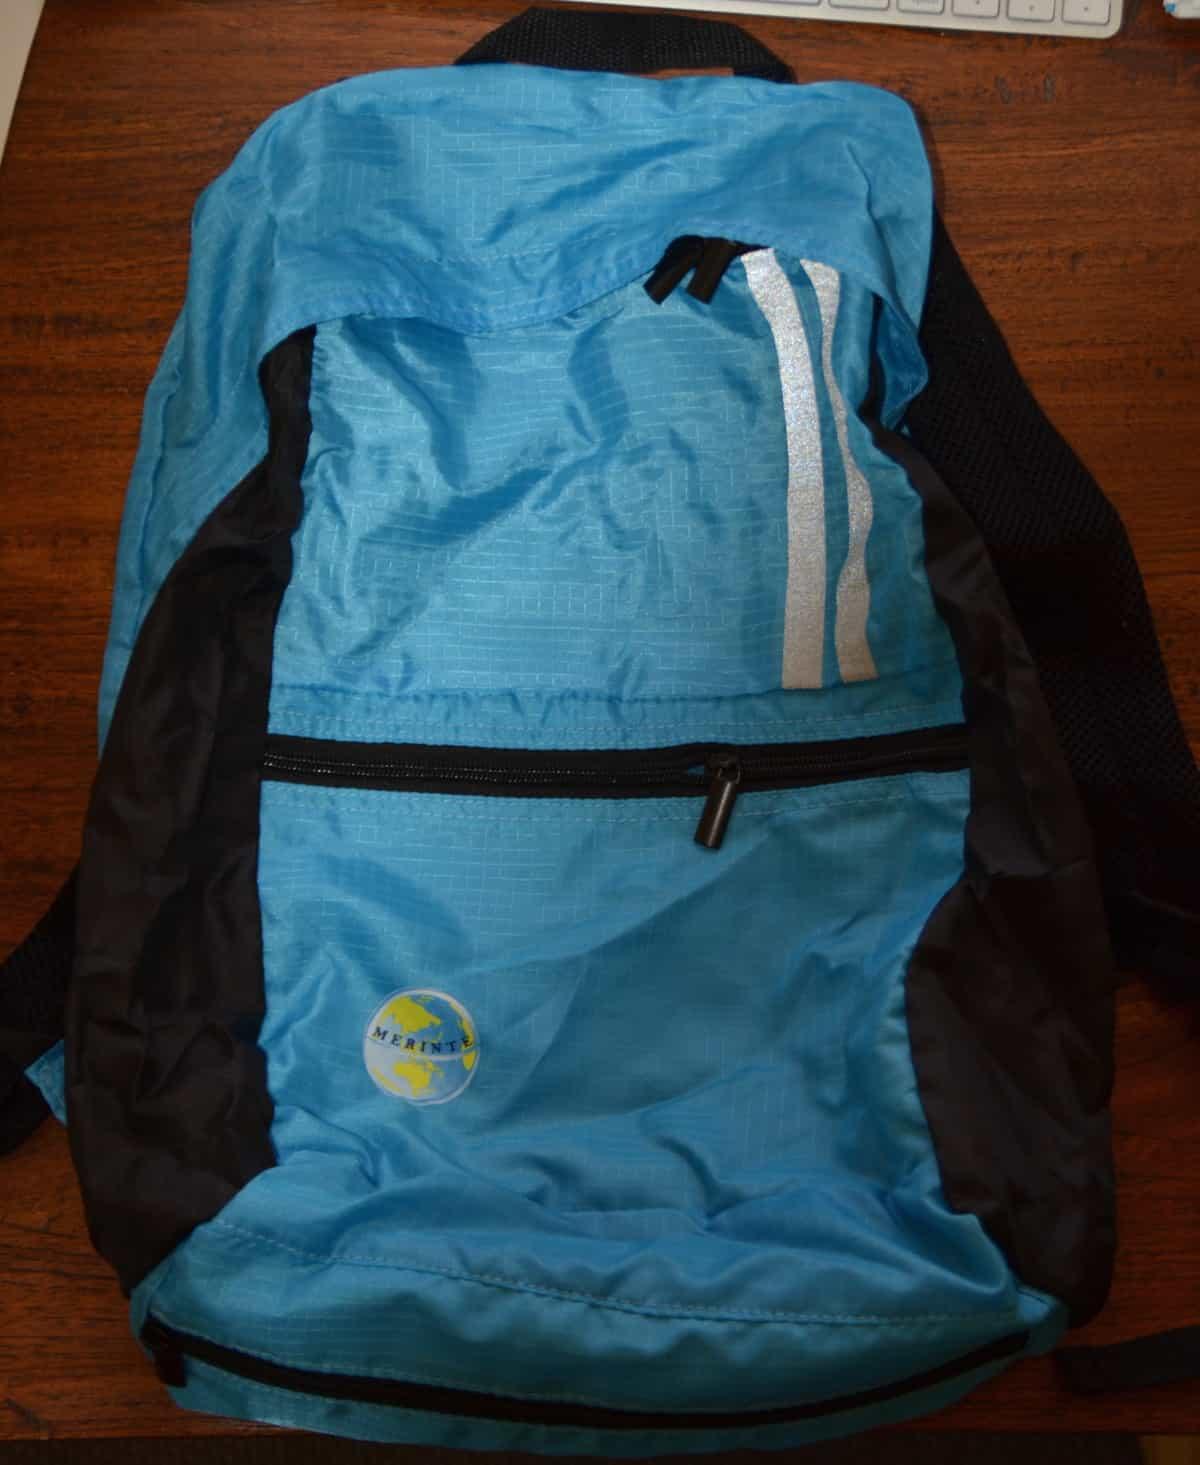 Merinte DayPack Backpack in a pocket